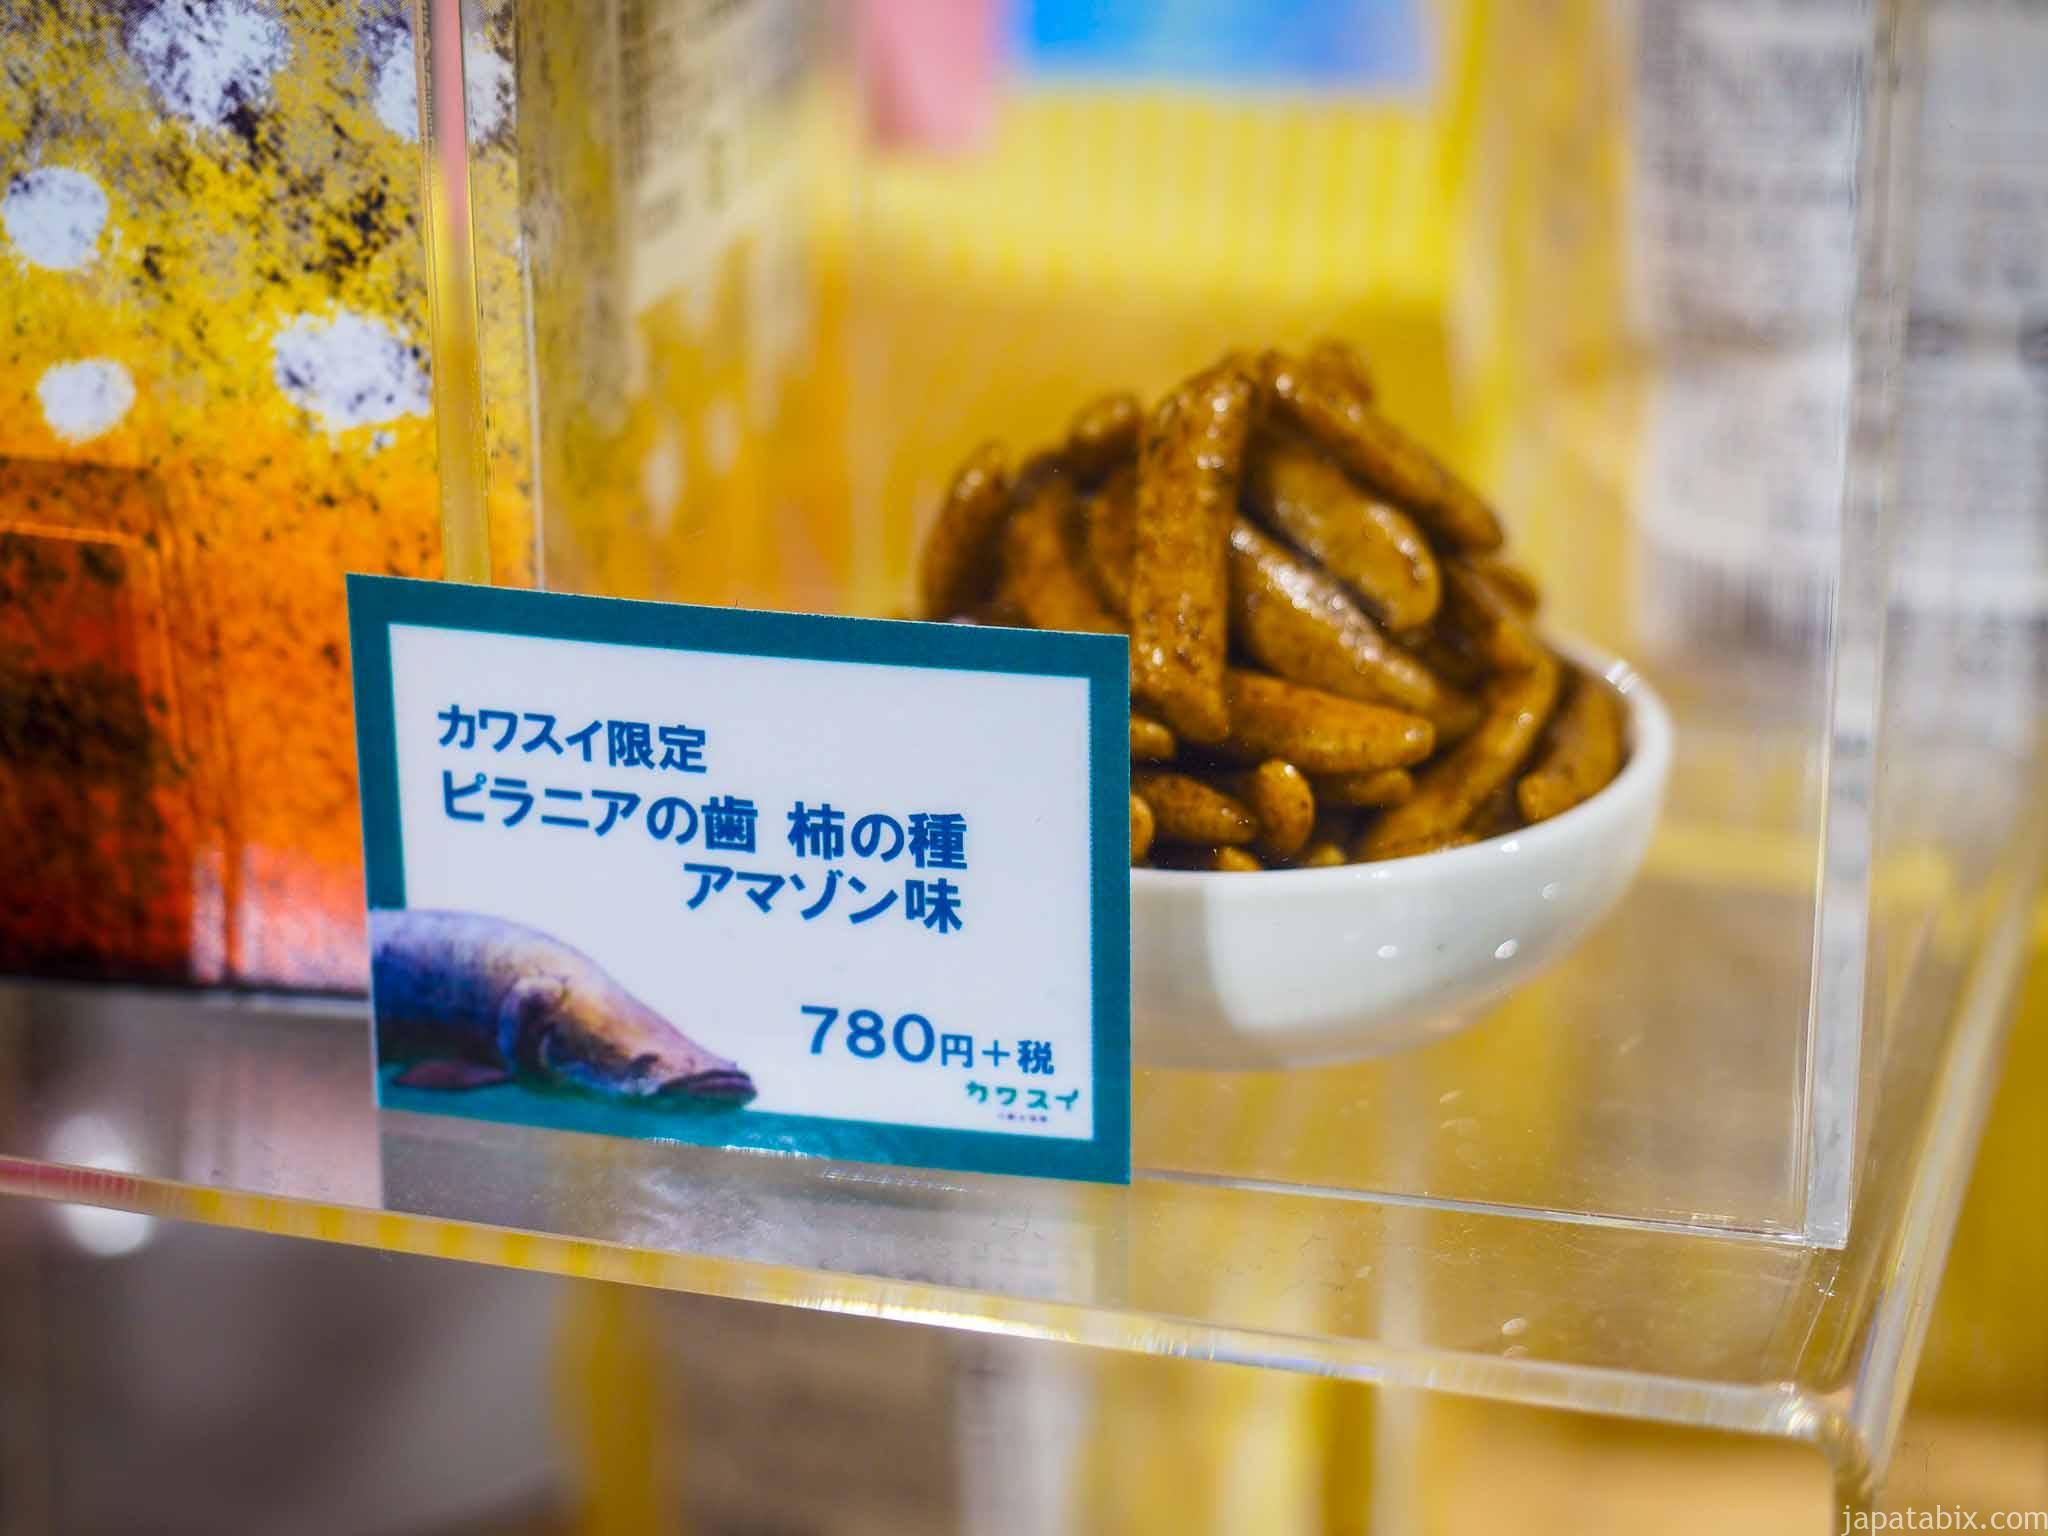 カワスイ ピラニアの歯 柿の種 アマゾン味